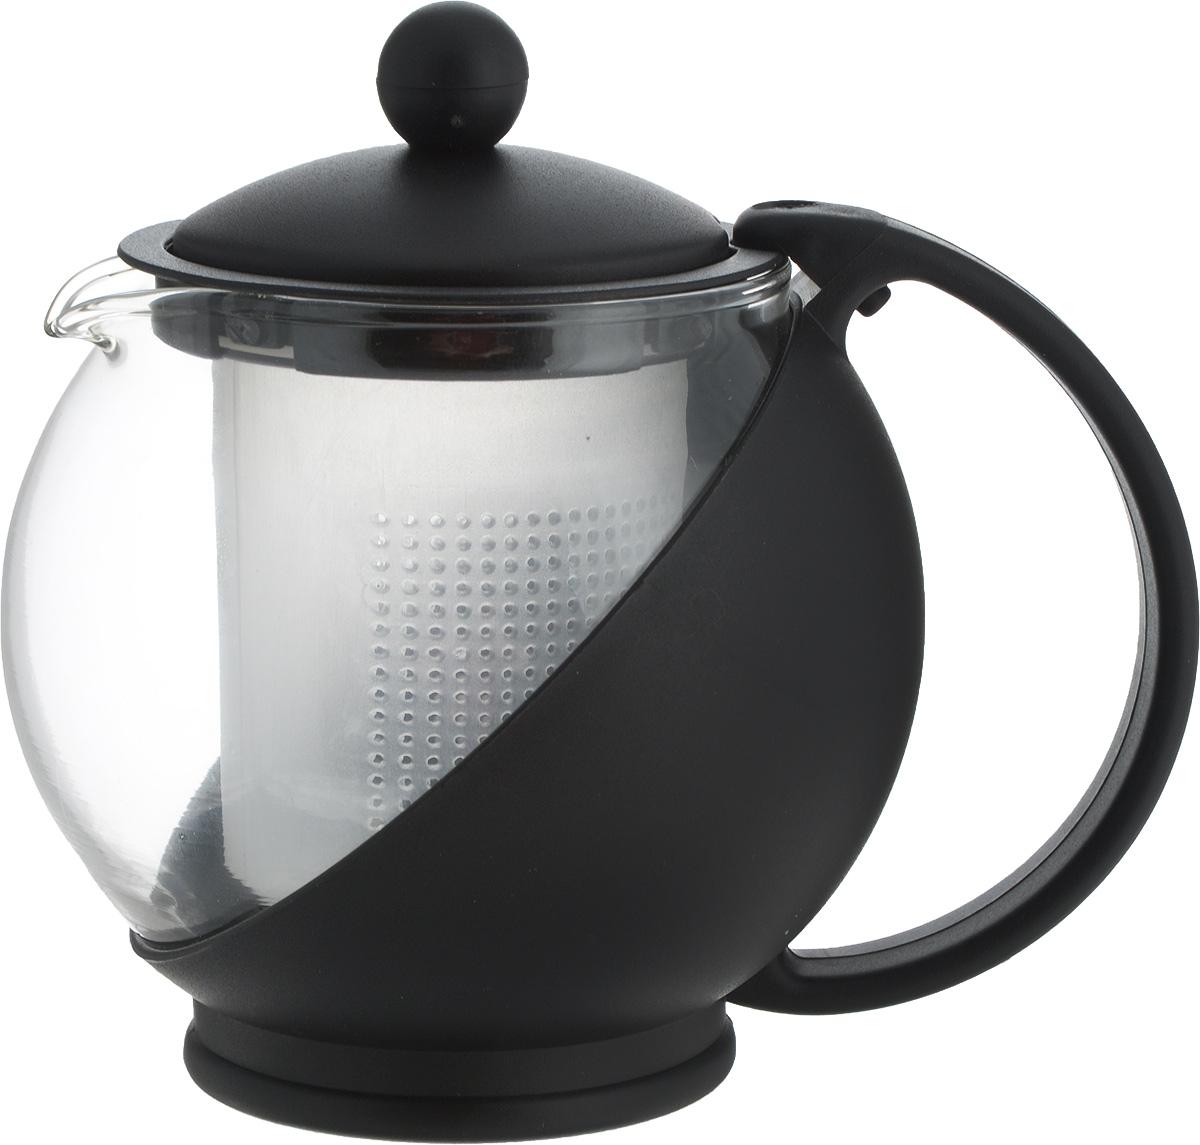 Чайник заварочный Miolla, с фильтром, цвет: черный, прозрачный, 500 мл. DHA020P/AVT-1520(SR)Заварочный чайник Miolla изготовлен из жаропрочного стекла и термостойкого пластика. Чай в таком чайнике дольше остается горячим, а полезные и ароматические вещества полностью сохраняются в напитке. Чайник оснащен фильтром и крышкой. Простой и удобный чайник поможет вам приготовить крепкий, ароматный чай. Разборная конструкция обеспечивает легкий уход. Нельзя мыть в посудомоечной машине. Не использовать в микроволновой печи.Диаметр чайника (по верхнему краю): 6,5 см.Высота чайника (без учета крышки): 9,5 см.Высота фильтра: 6,5 см.